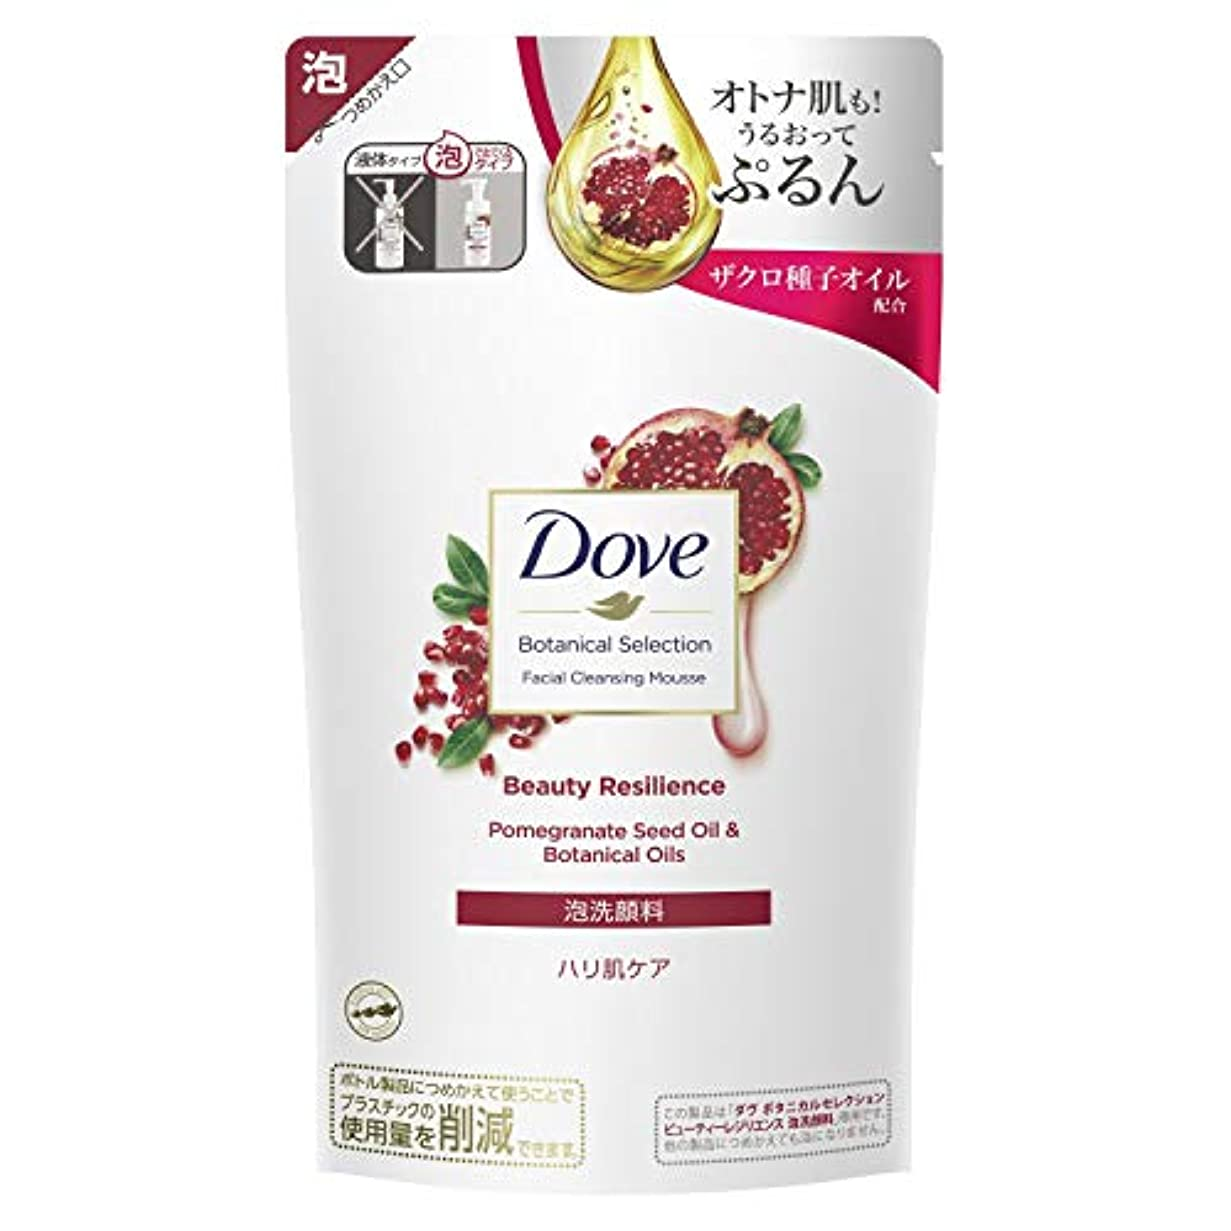 ベスト大気動Dove(ダヴ) ダヴ ボタニカルセレクション ビューティーレジリエンス 泡洗顔料 つめかえ用 135mL